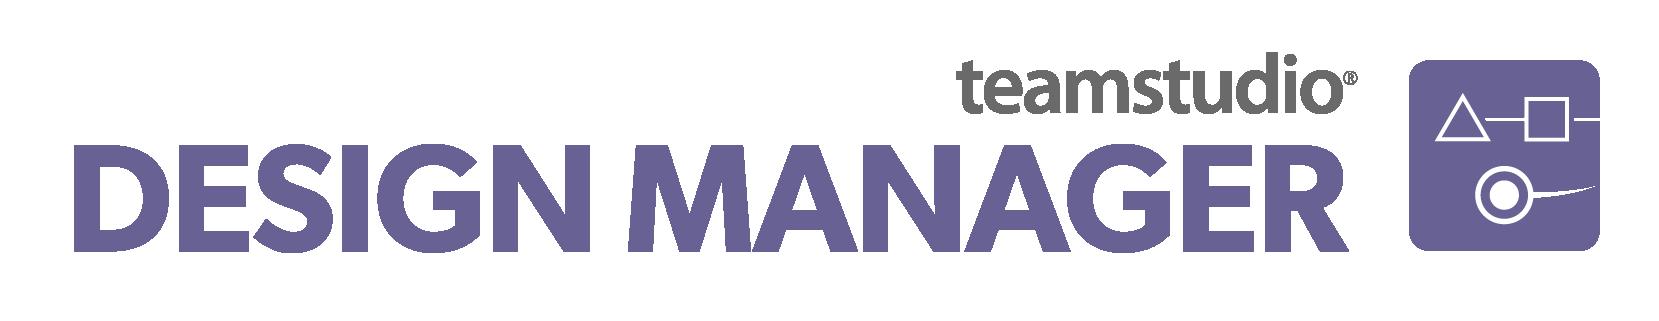 Design Manager Logo.png